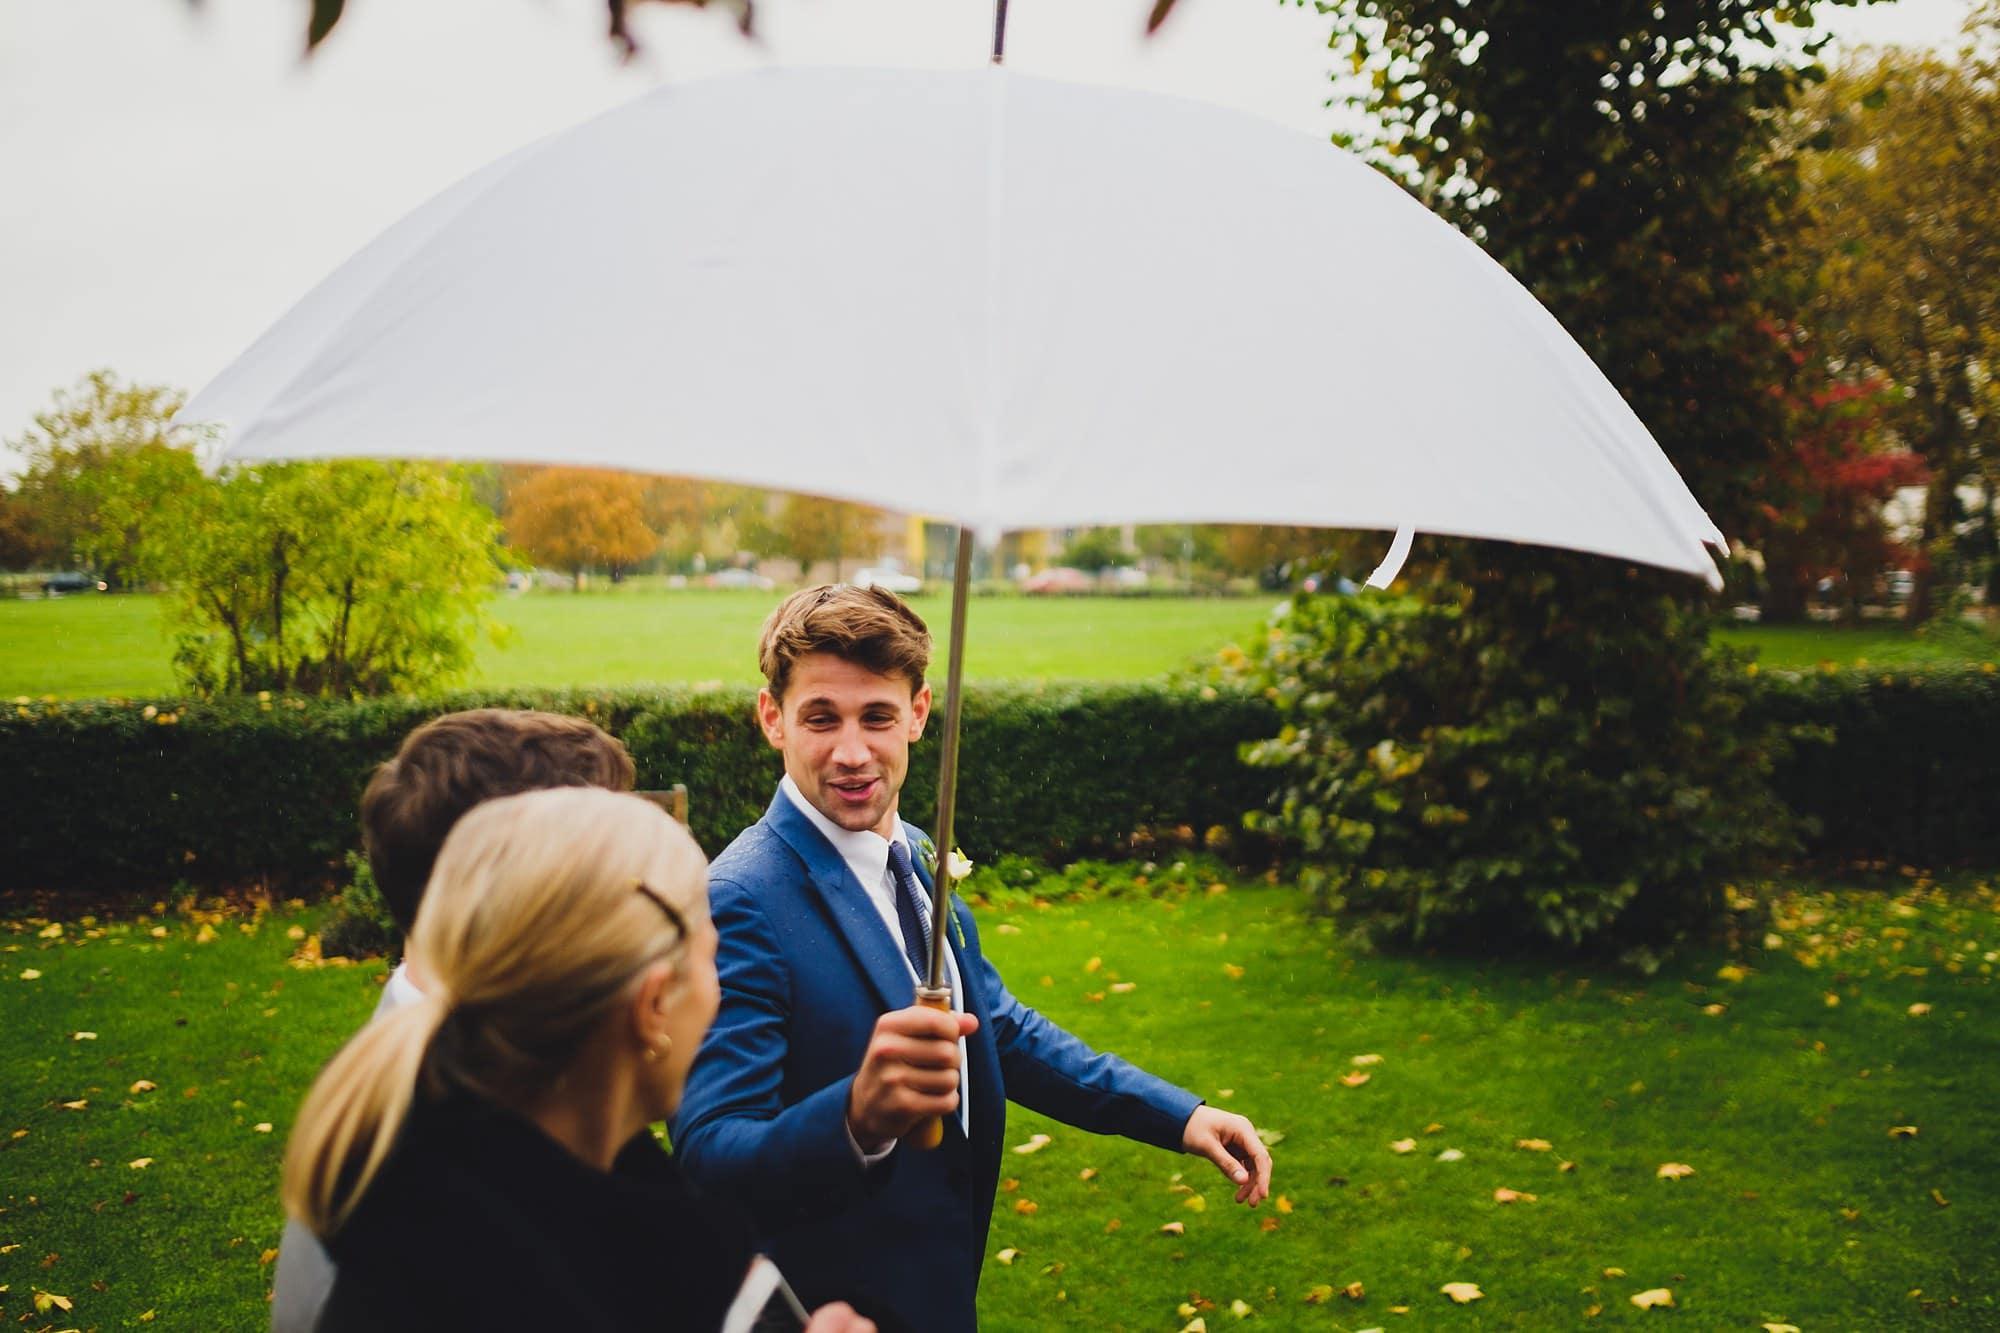 fulham palace wedding photographer ok 051 - Olivia + Kyle